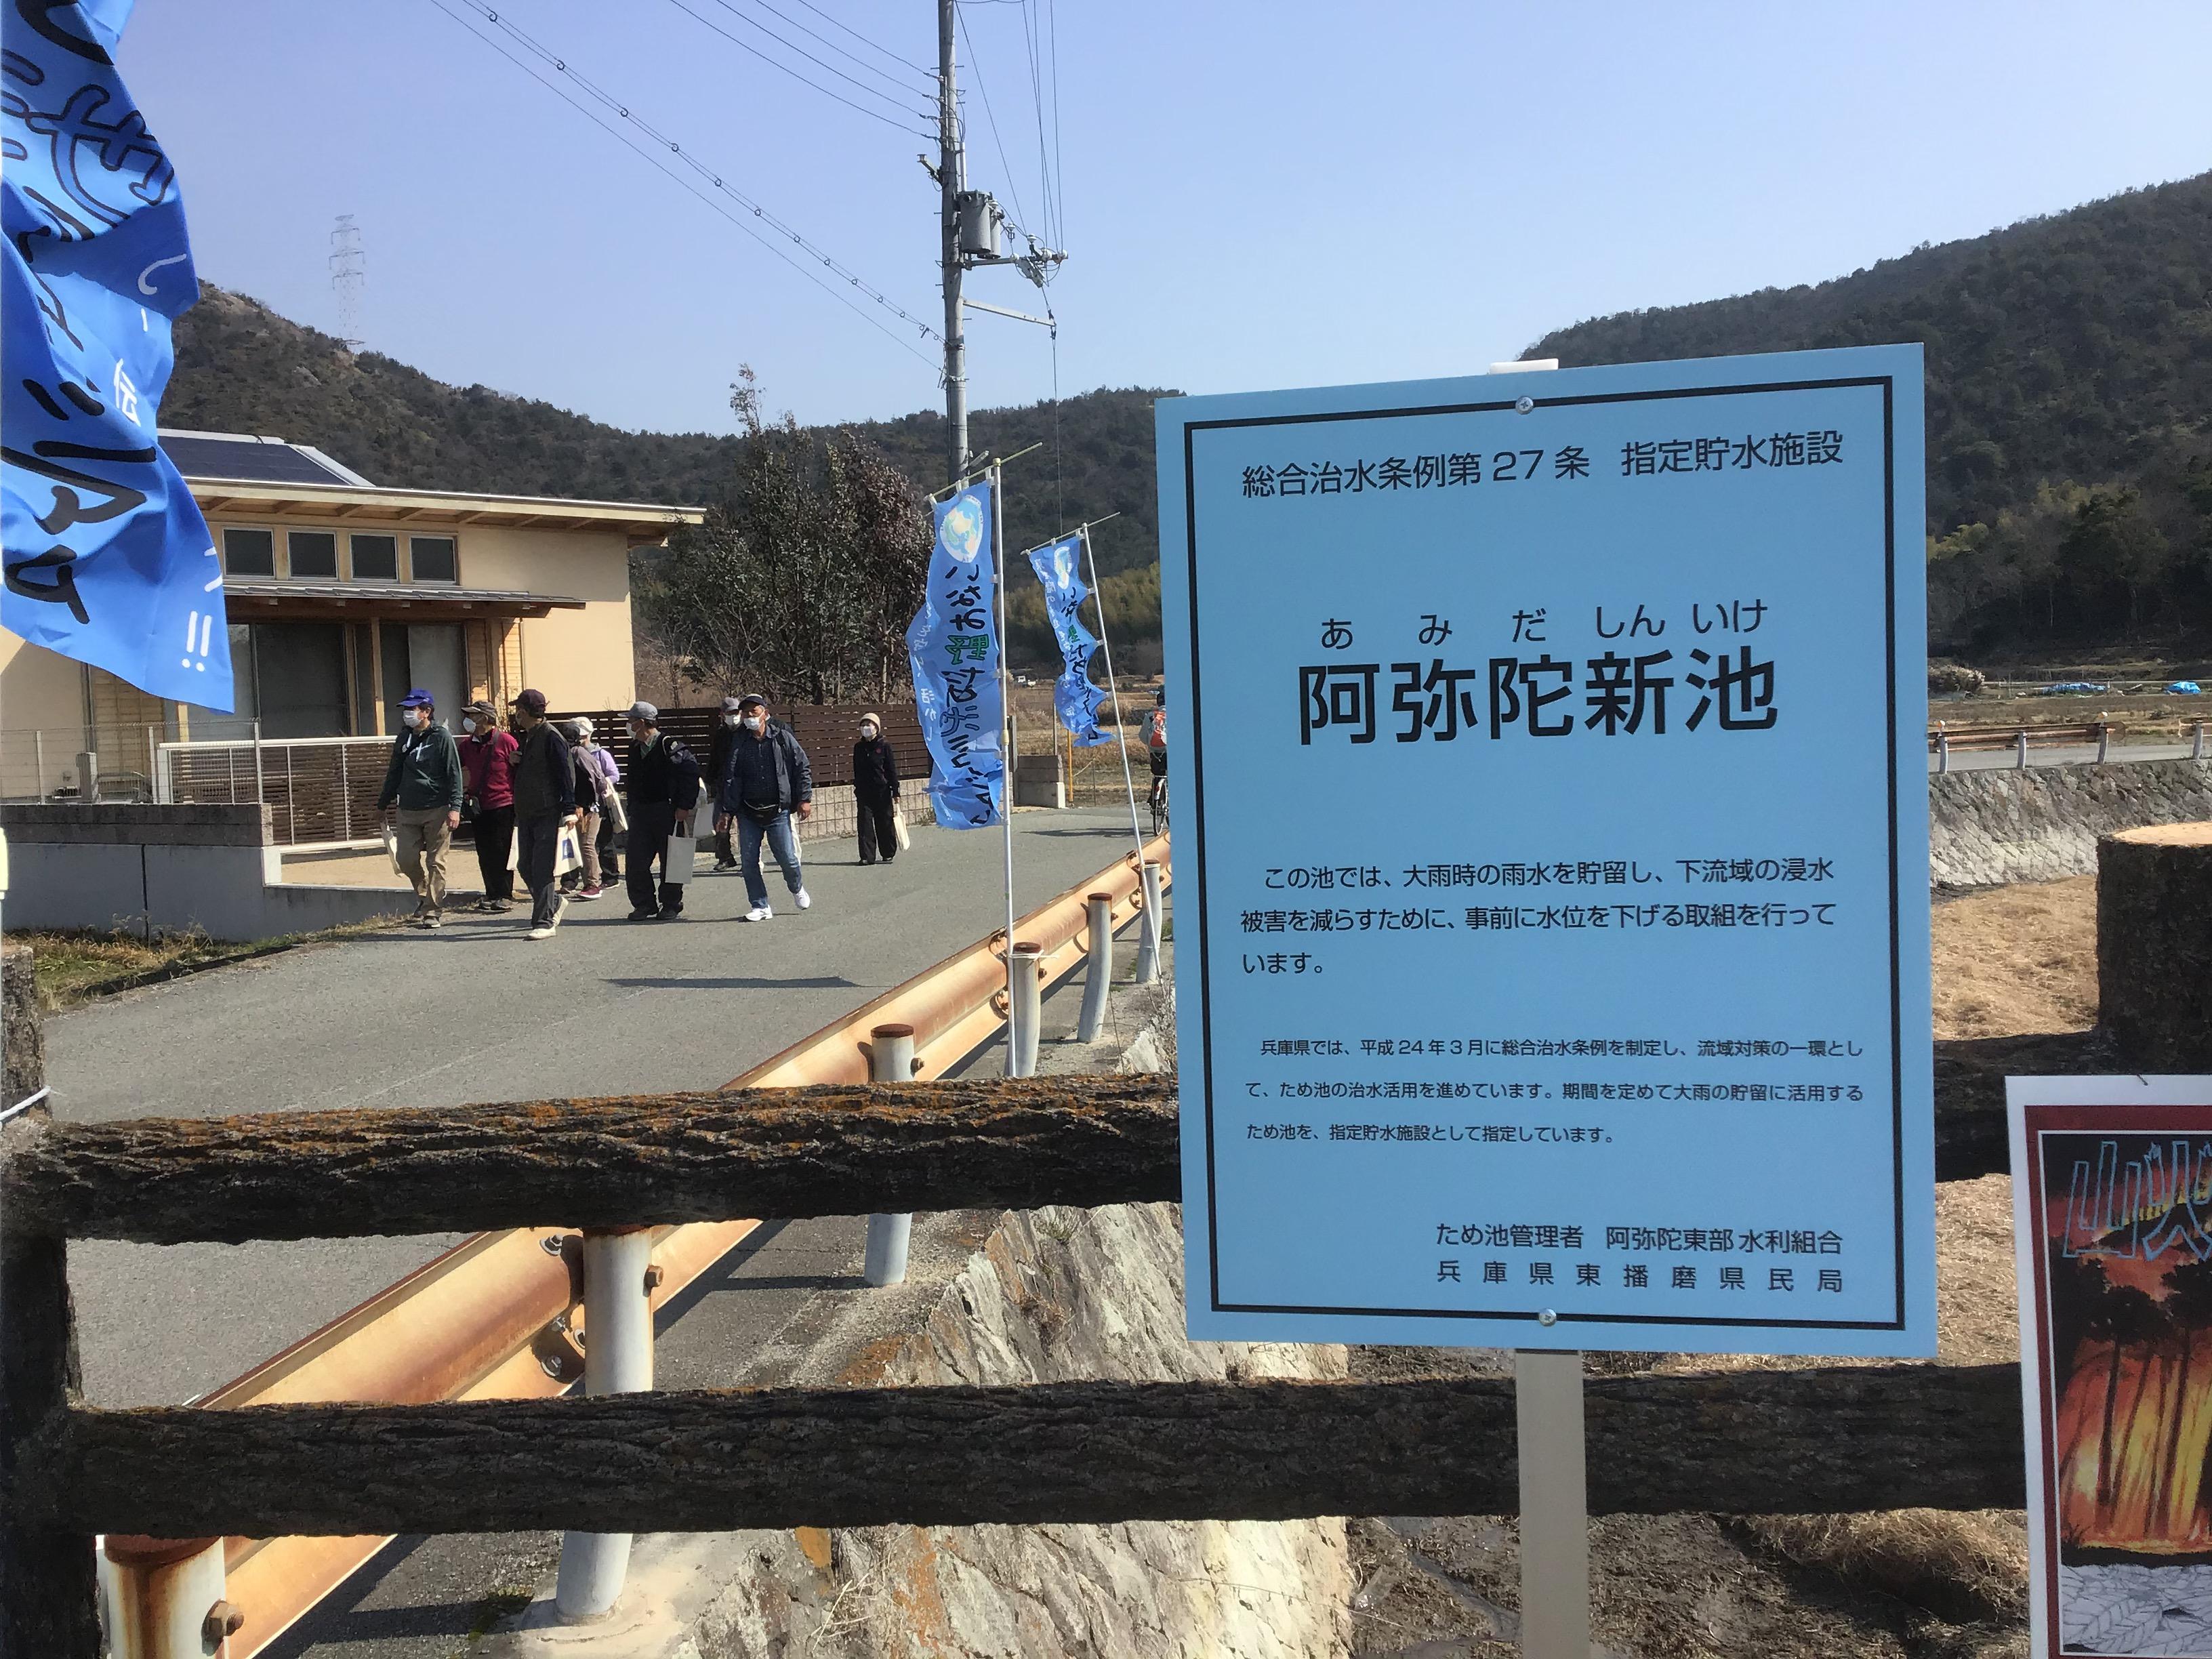 東播磨地域初の『指定貯水施設』指定。大雨の季節(9月~10月)は雨水をためます。